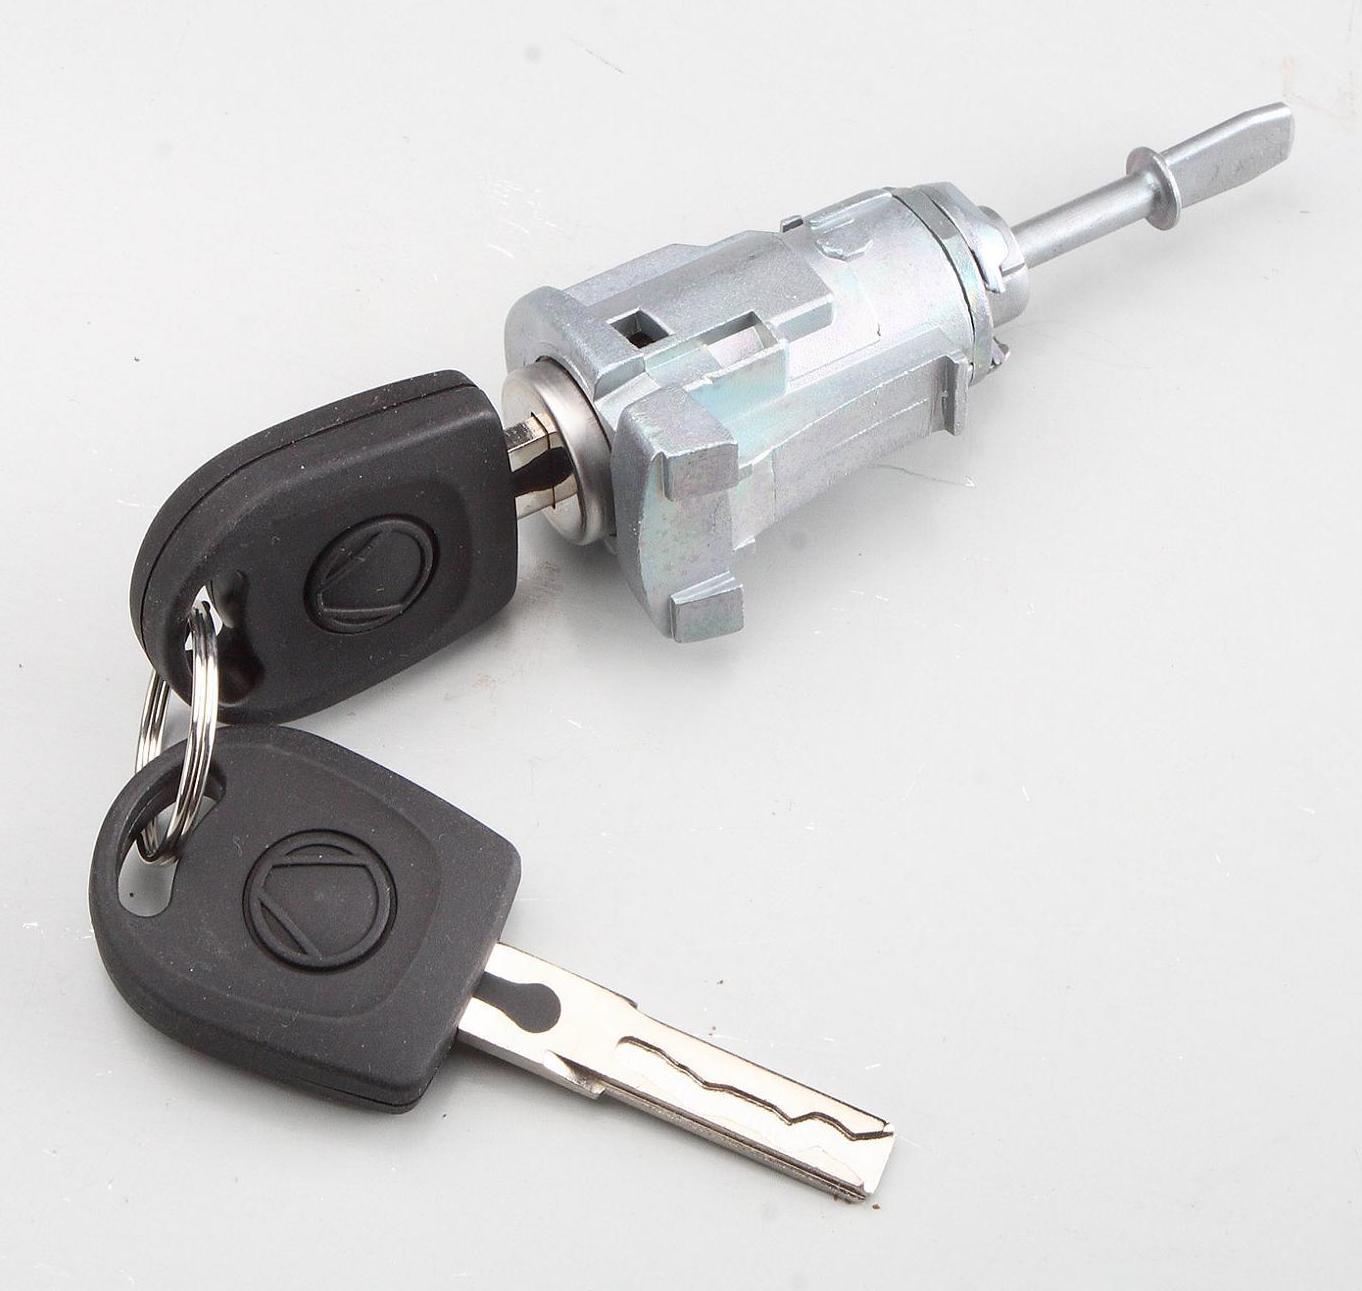 No funciona bien la cerradura de mi coche. ¿Tiene reparación?